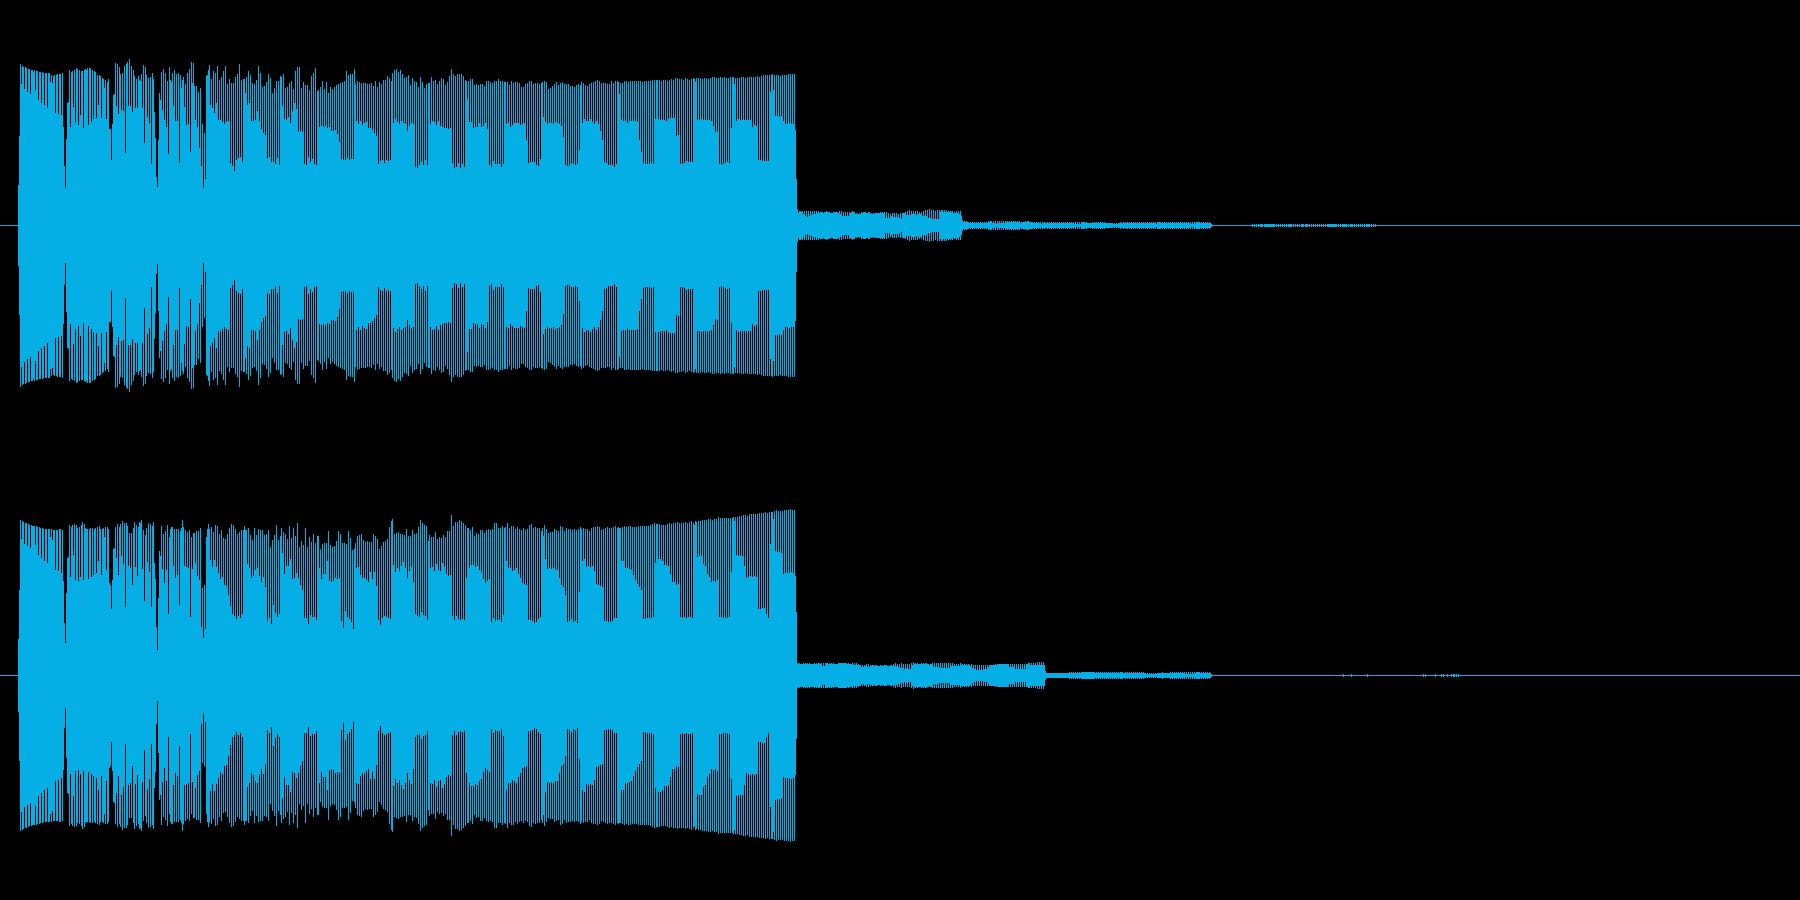 ゲーム、クイズ(不正解)_002の再生済みの波形